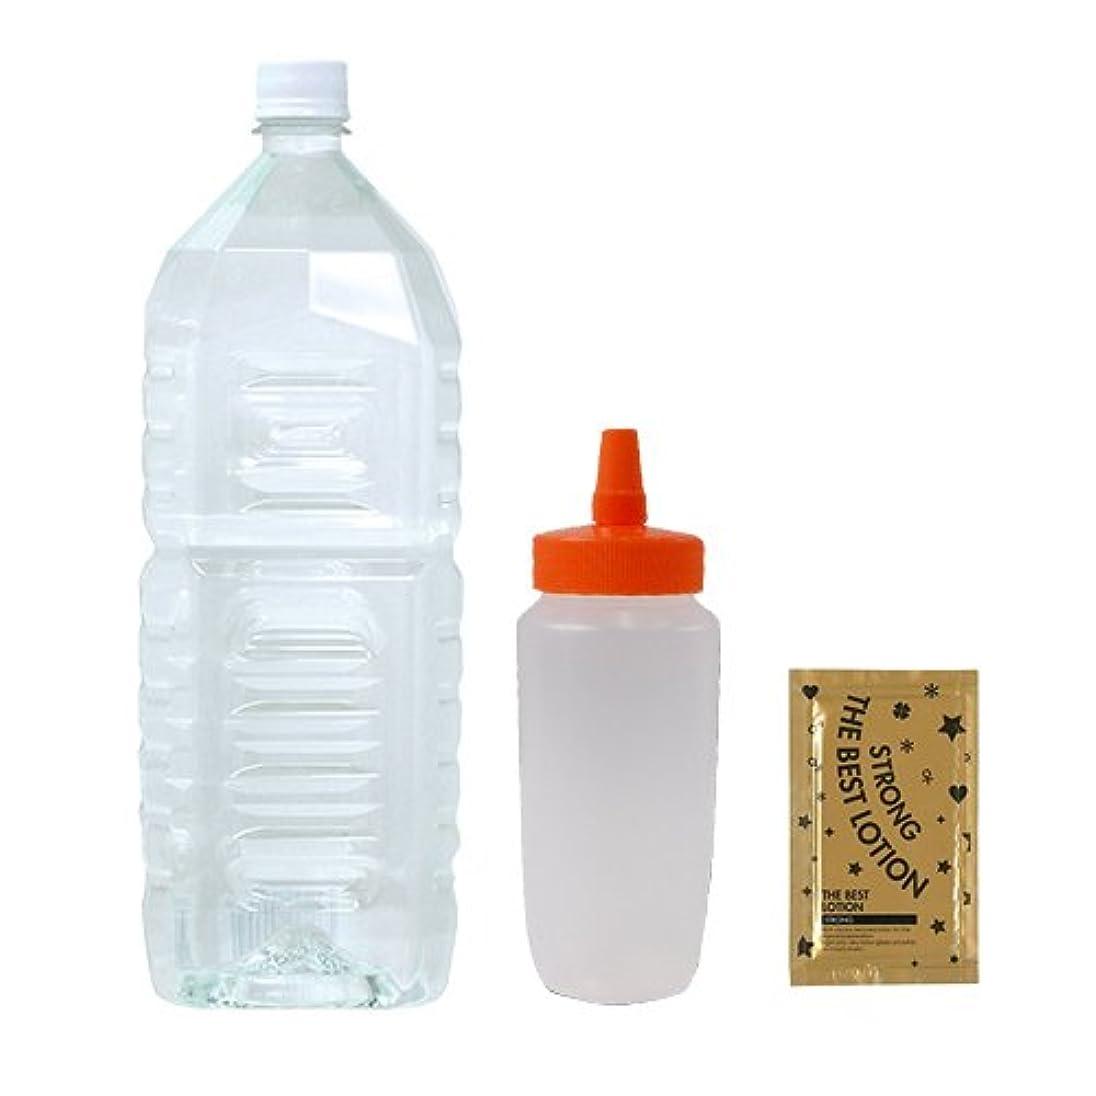 不公平ガイド容器クリアローション 2Lペットボトル ハードタイプ(5倍濃縮原液)+ はちみつ容器360ml(オレンジキャップ)+ ベストローションストロング 1包付き セット